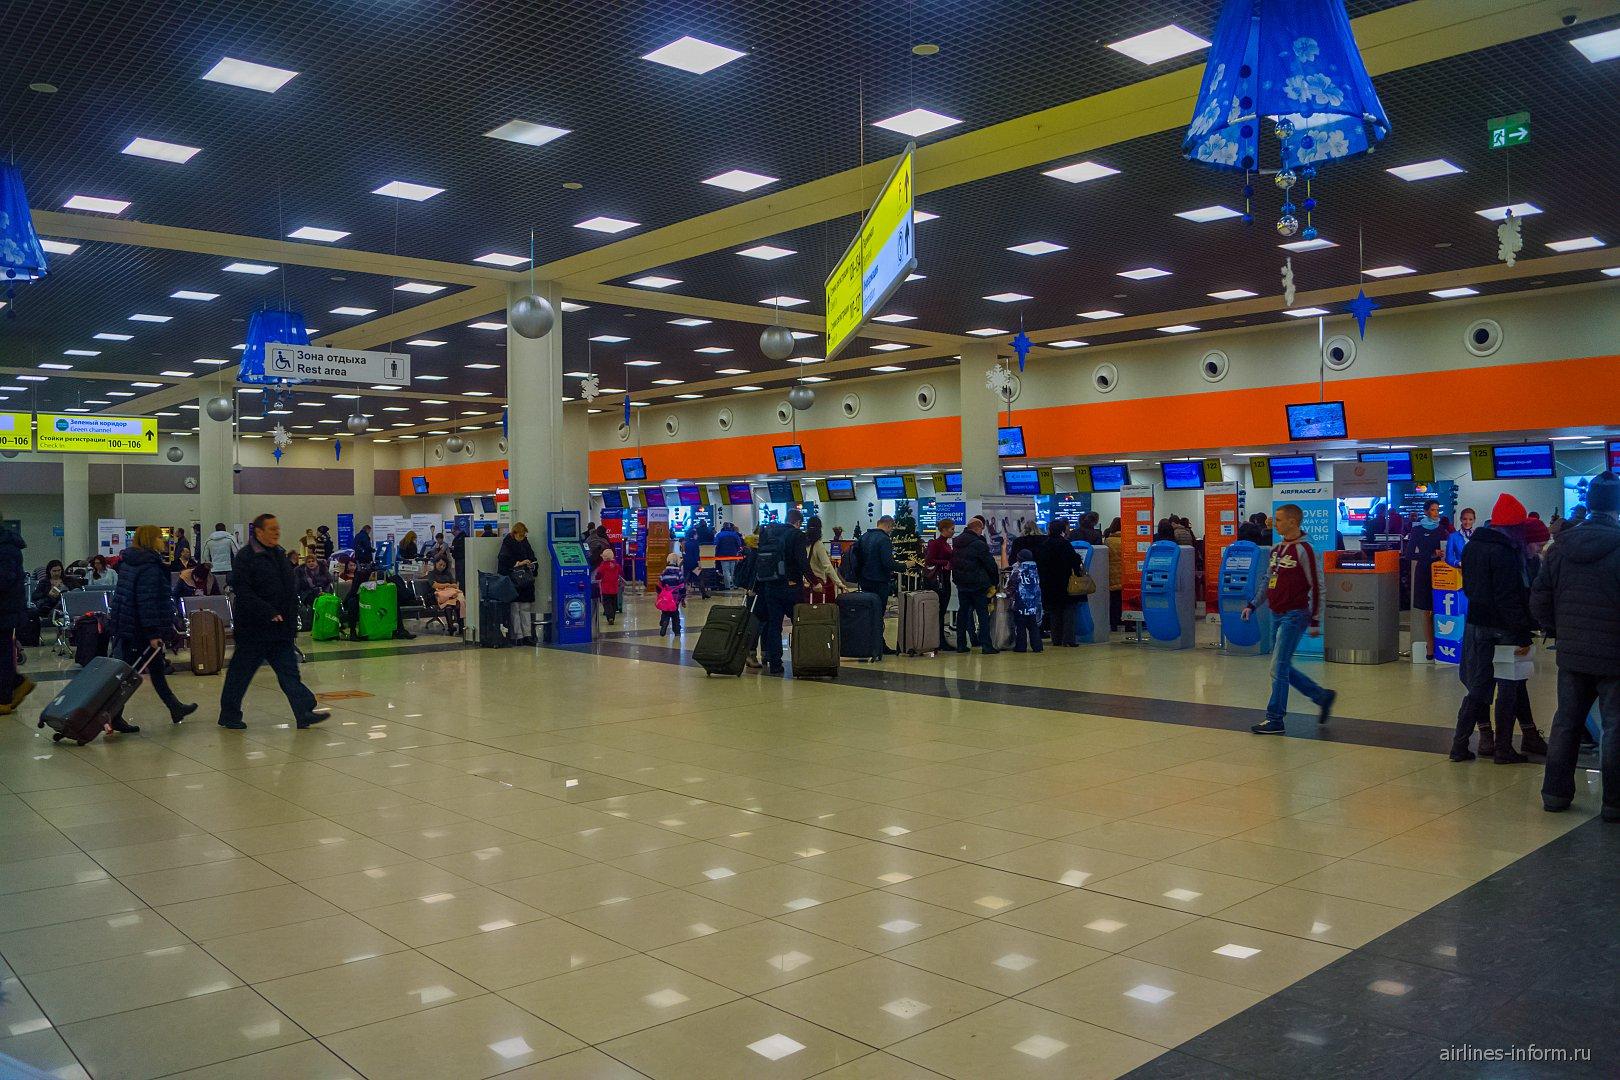 Зал регистрации в терминале Е аэропорта Москва Шереметьево